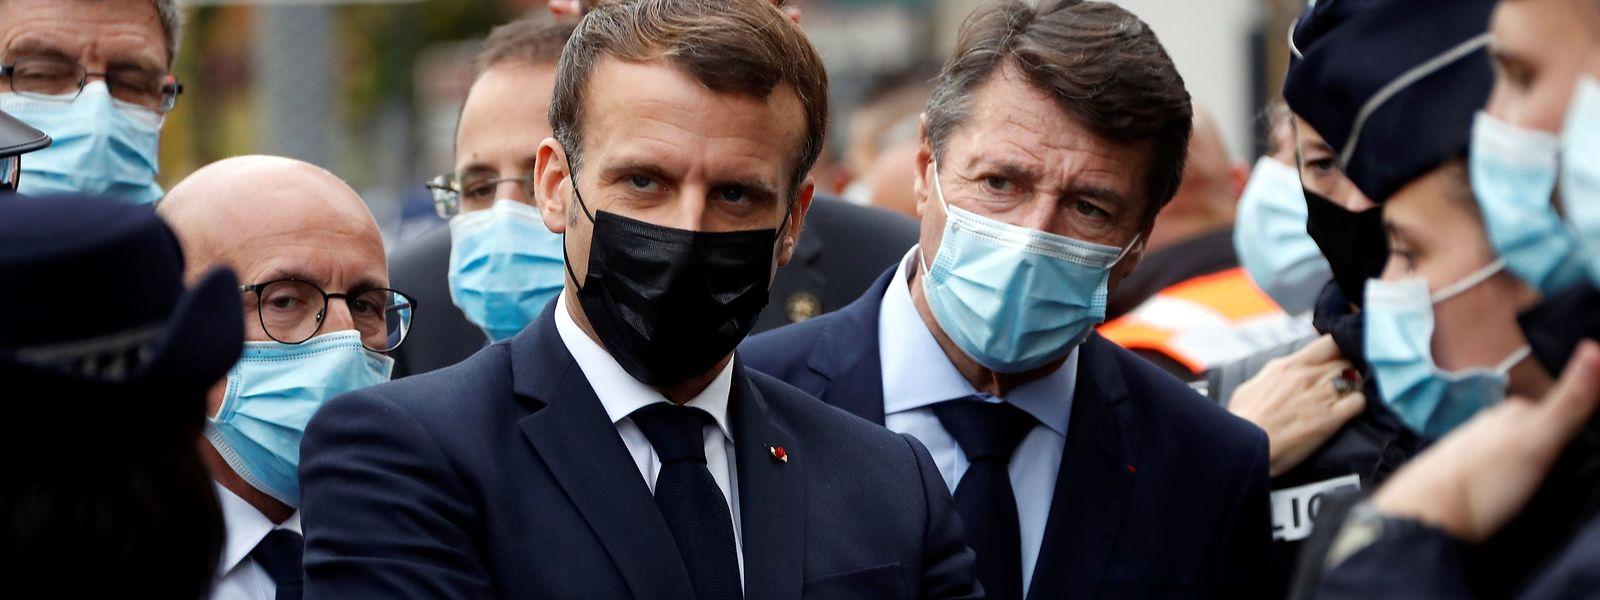 Emmanuel Macron besuchte den Ort der Messerattacke vor der Basilika Notre-Dame in Nice.